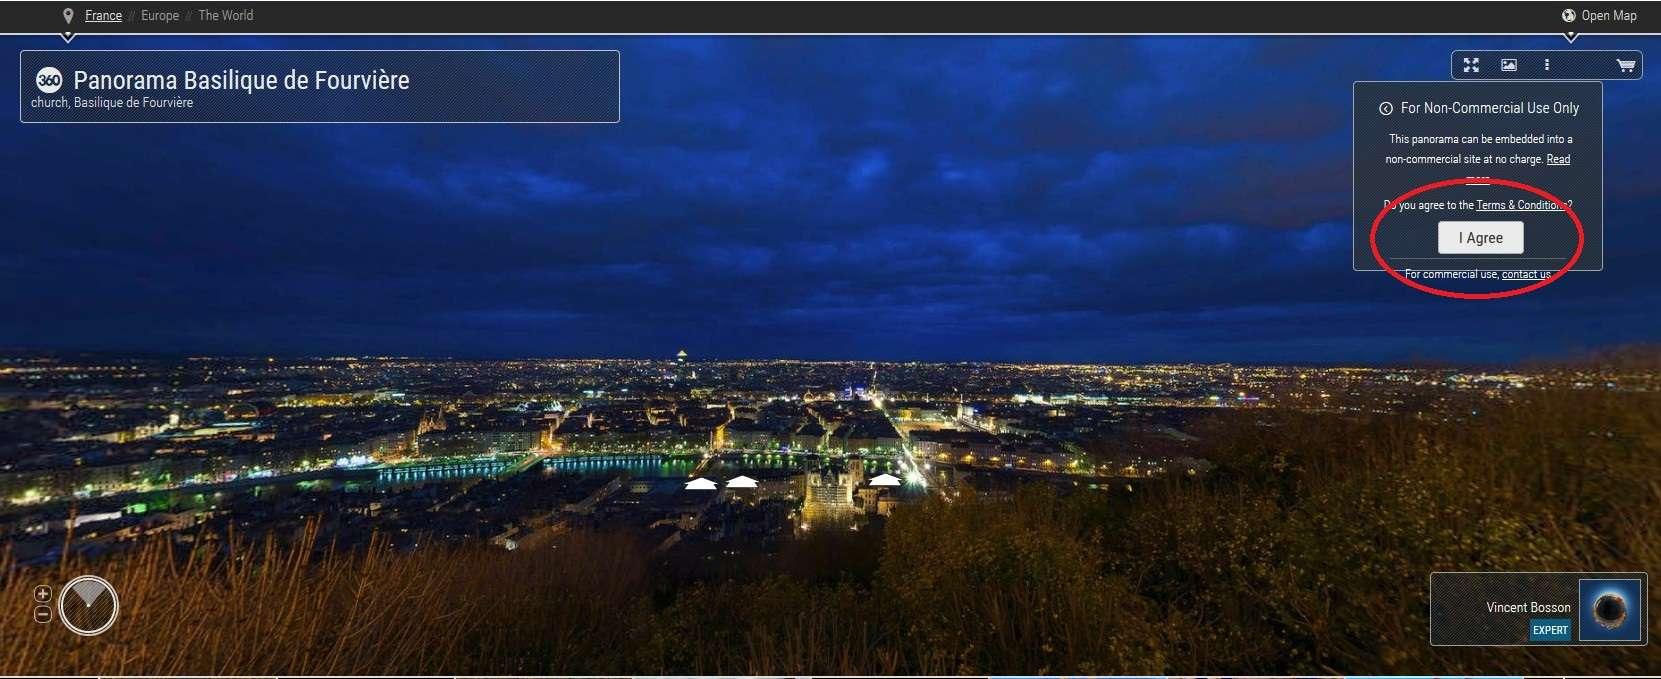 Photos 360° cities : comment les insérer dans un post??? [Astuces du forum] - Page 4 Sans_129